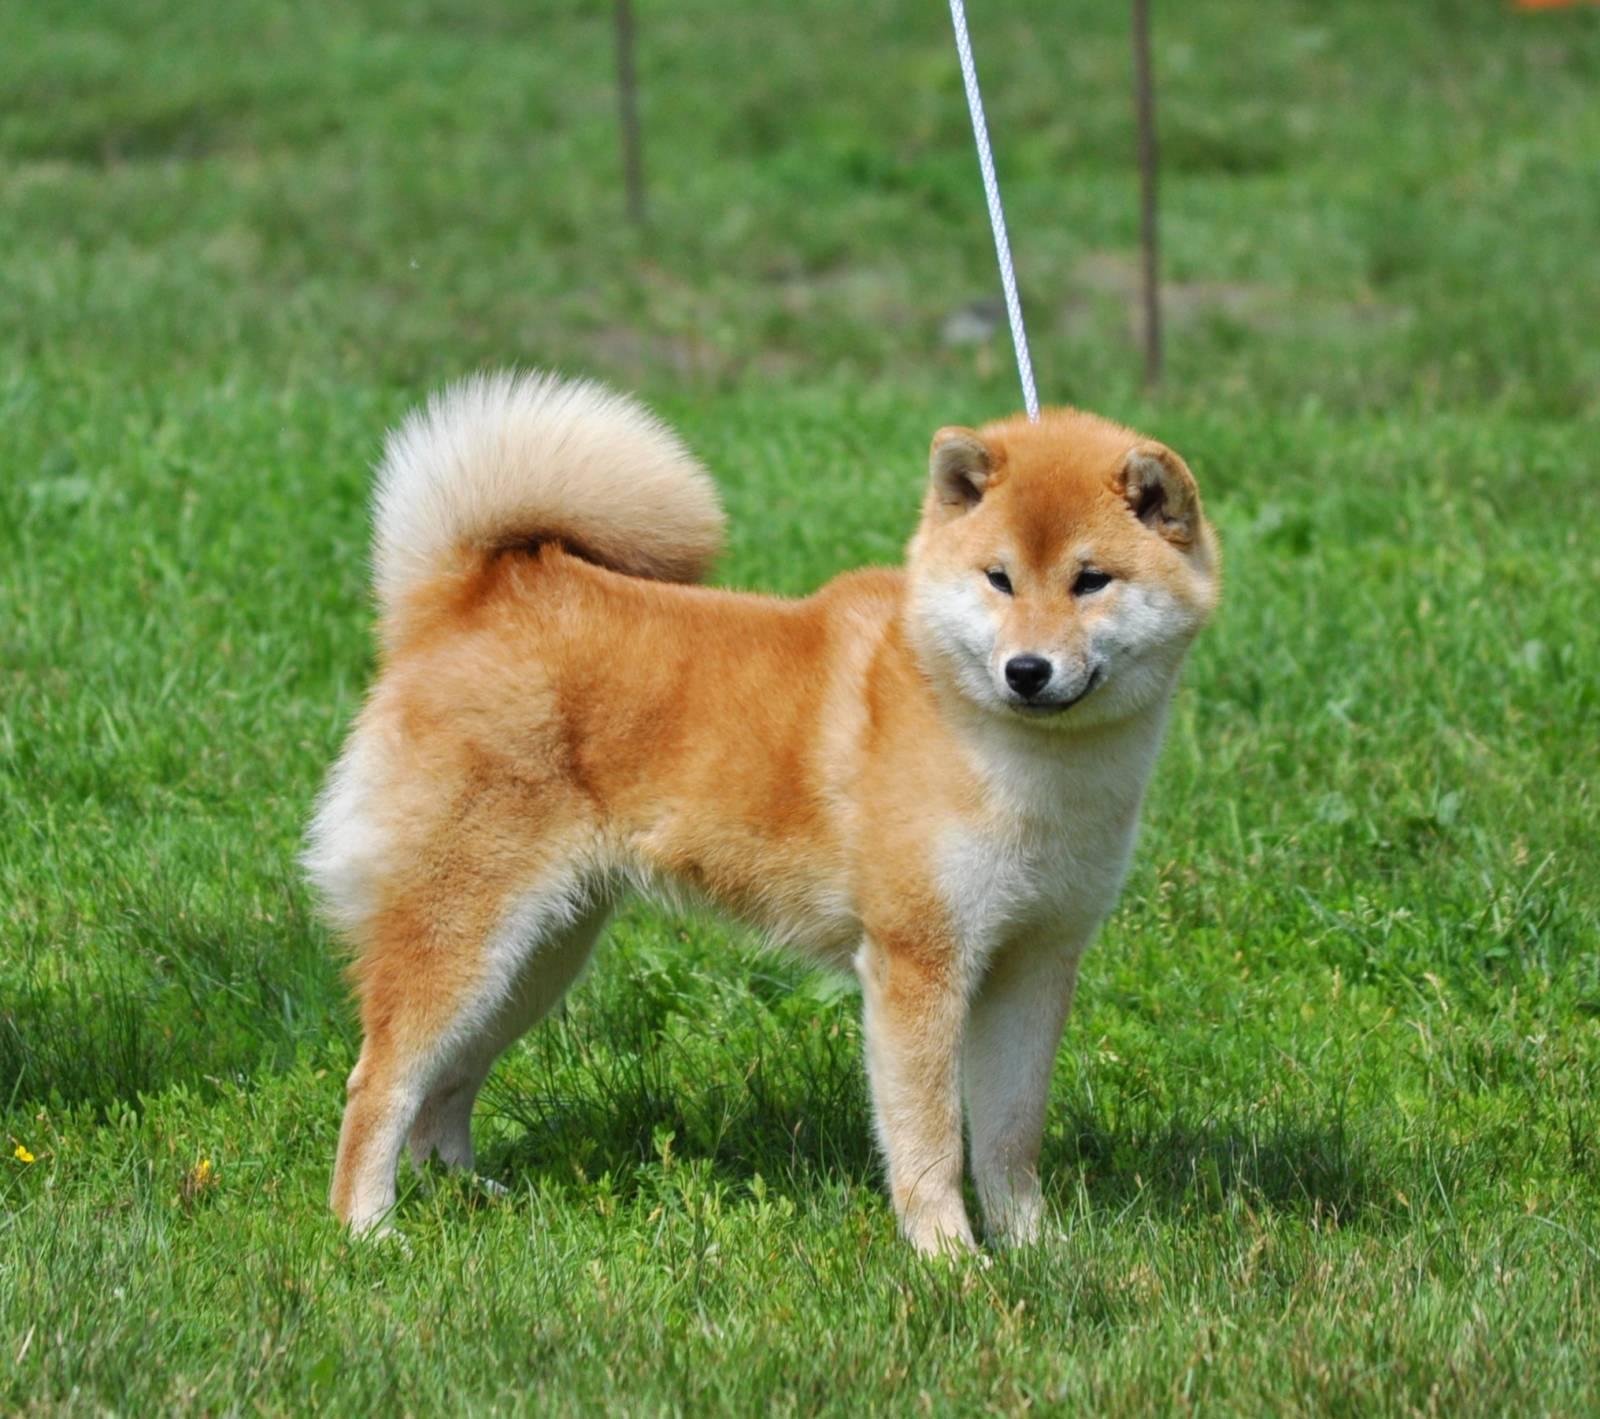 Как называются породы собак, похожих на рыжих лисичек с большими ушами